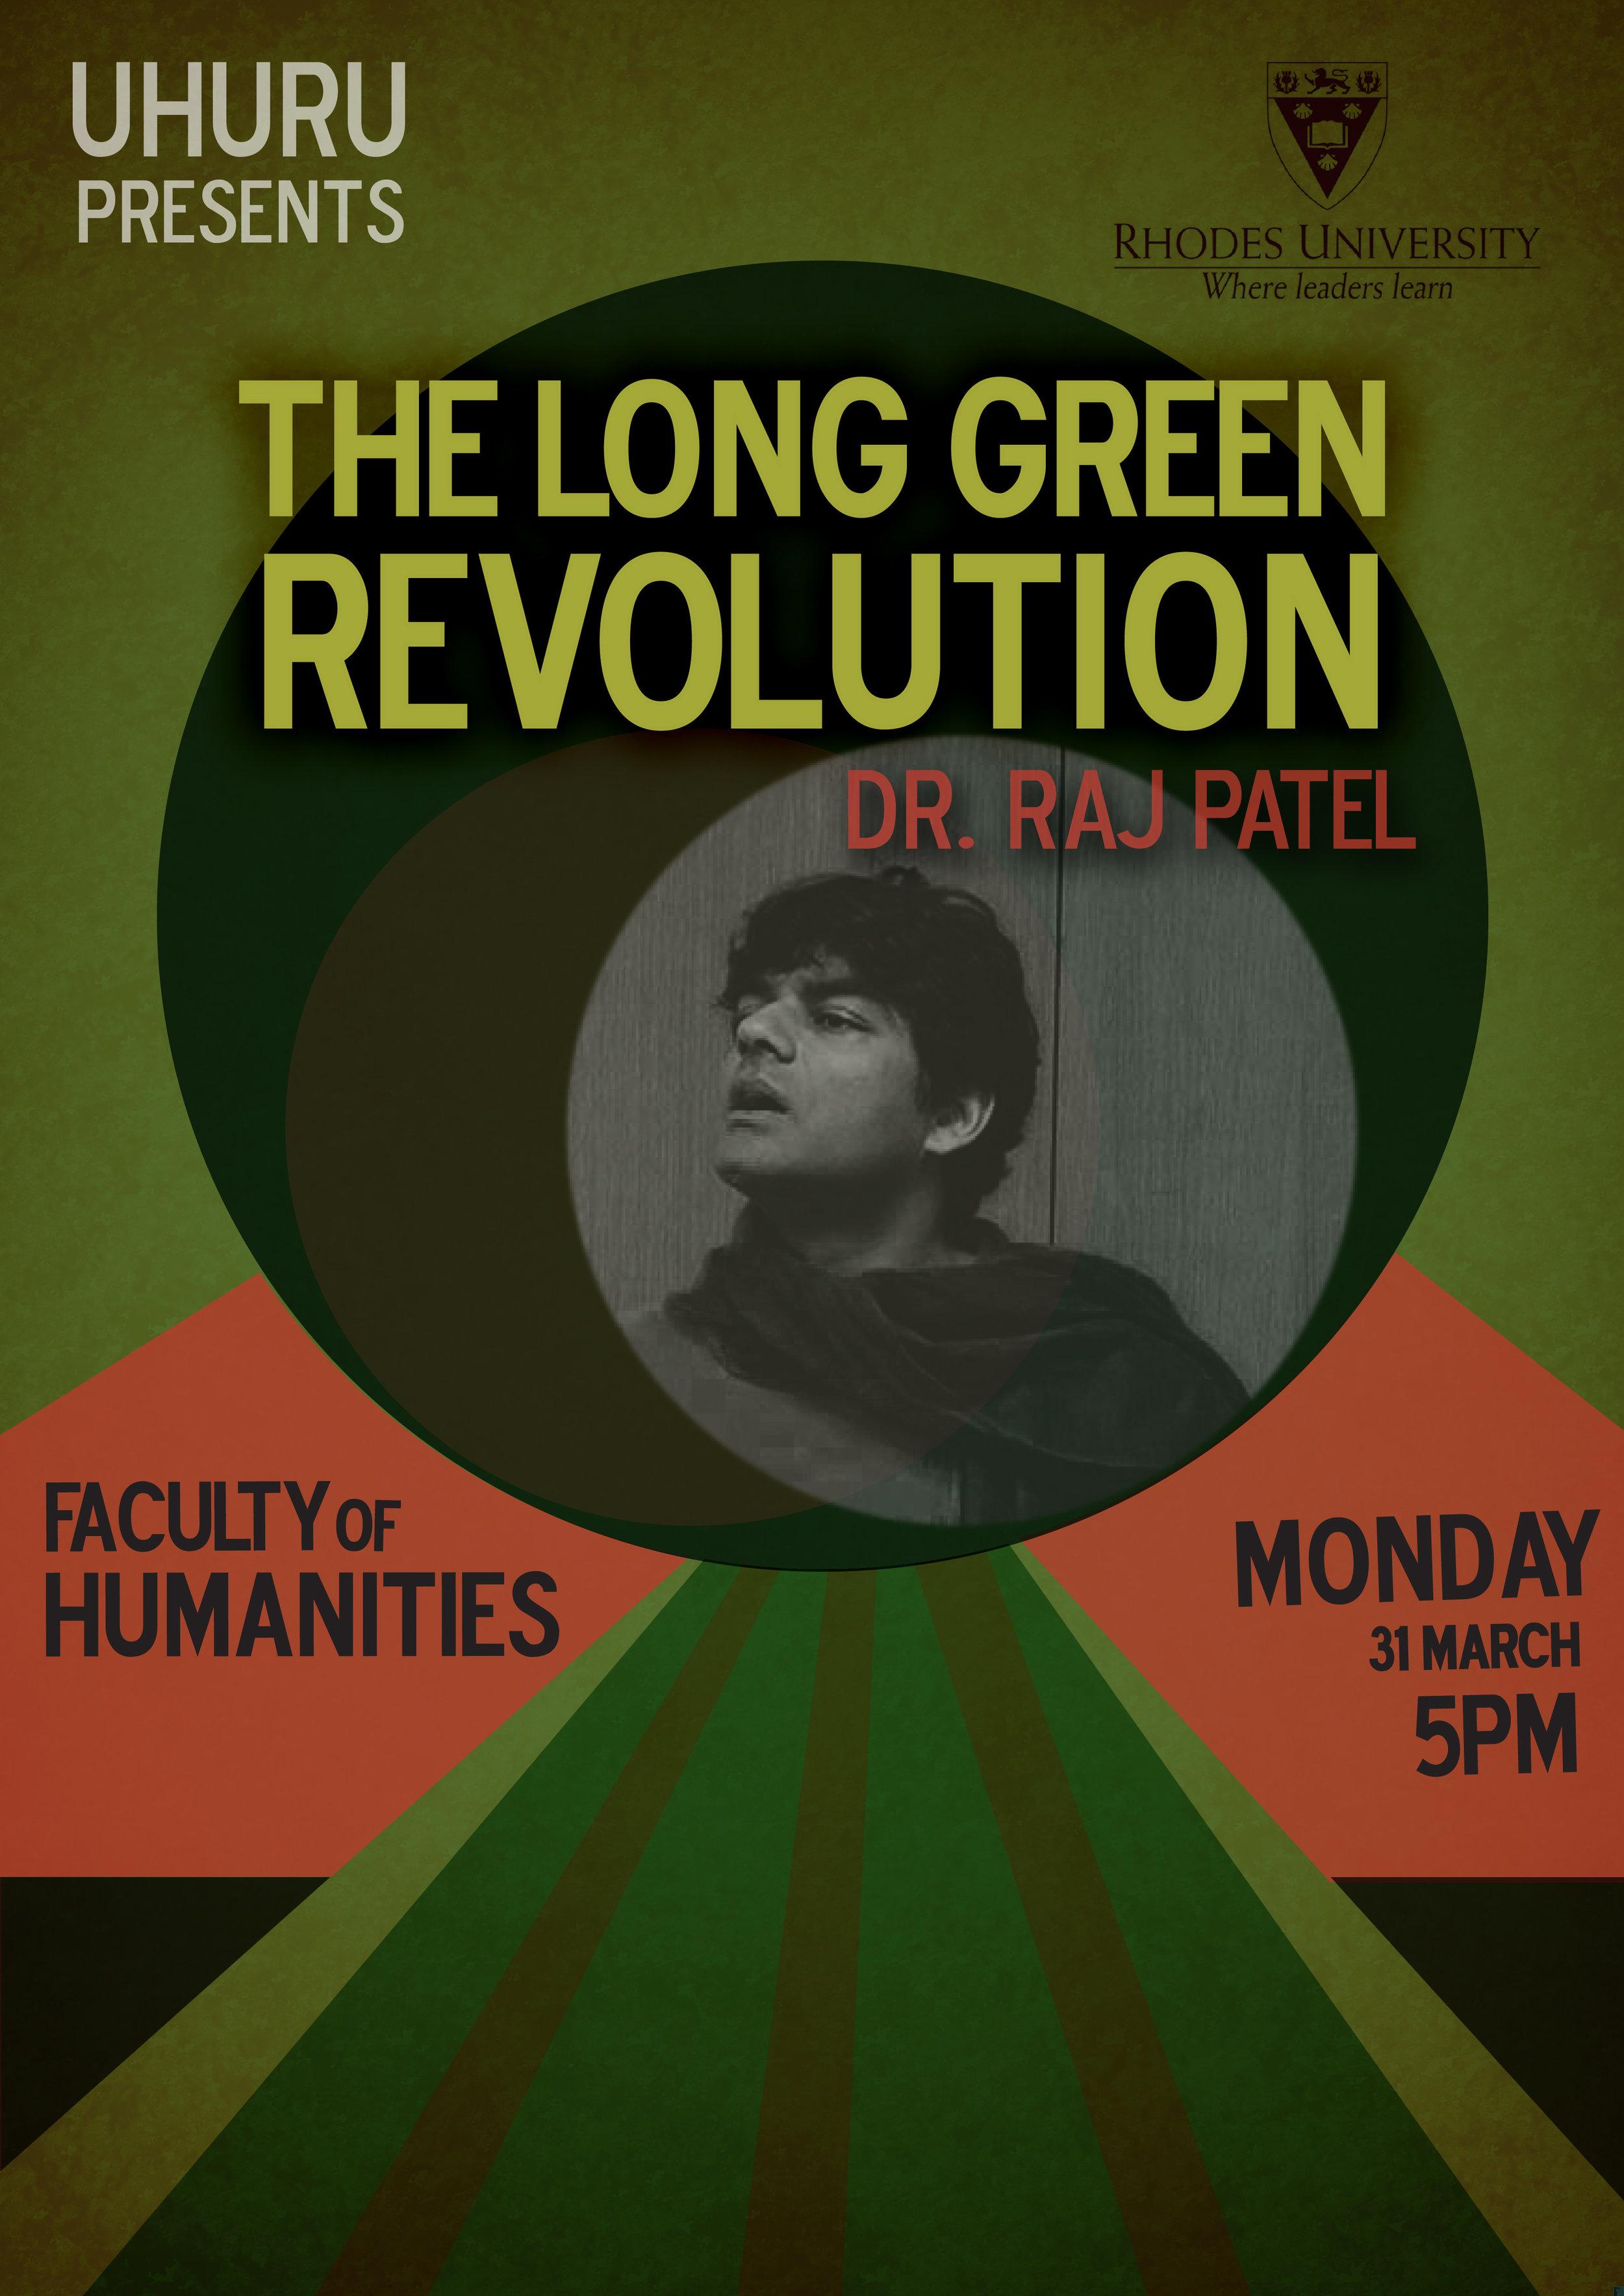 Long Green Revolution 2.jpg